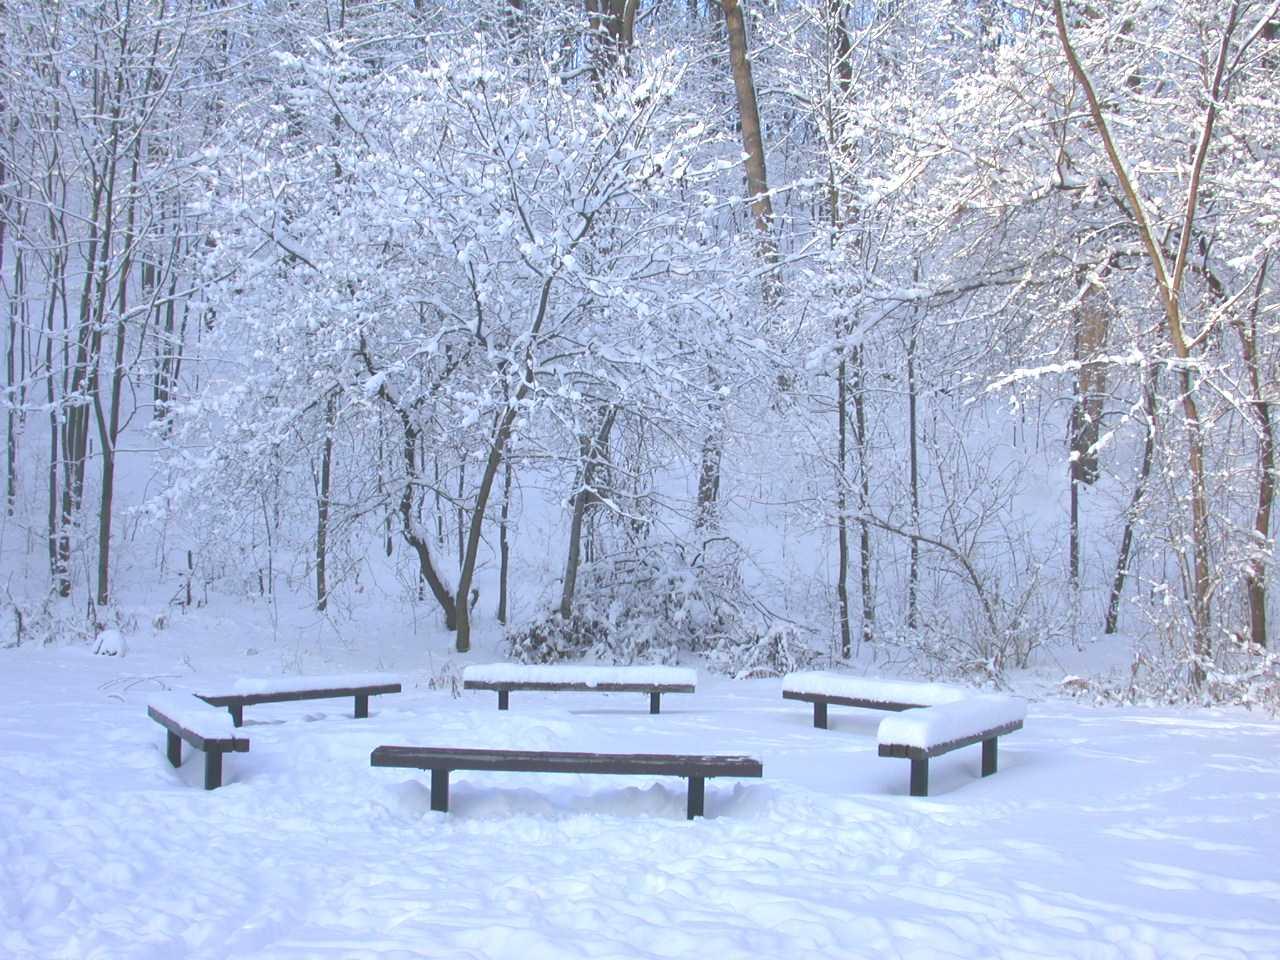 صور موضوع وصفي عن فصل الشتاء